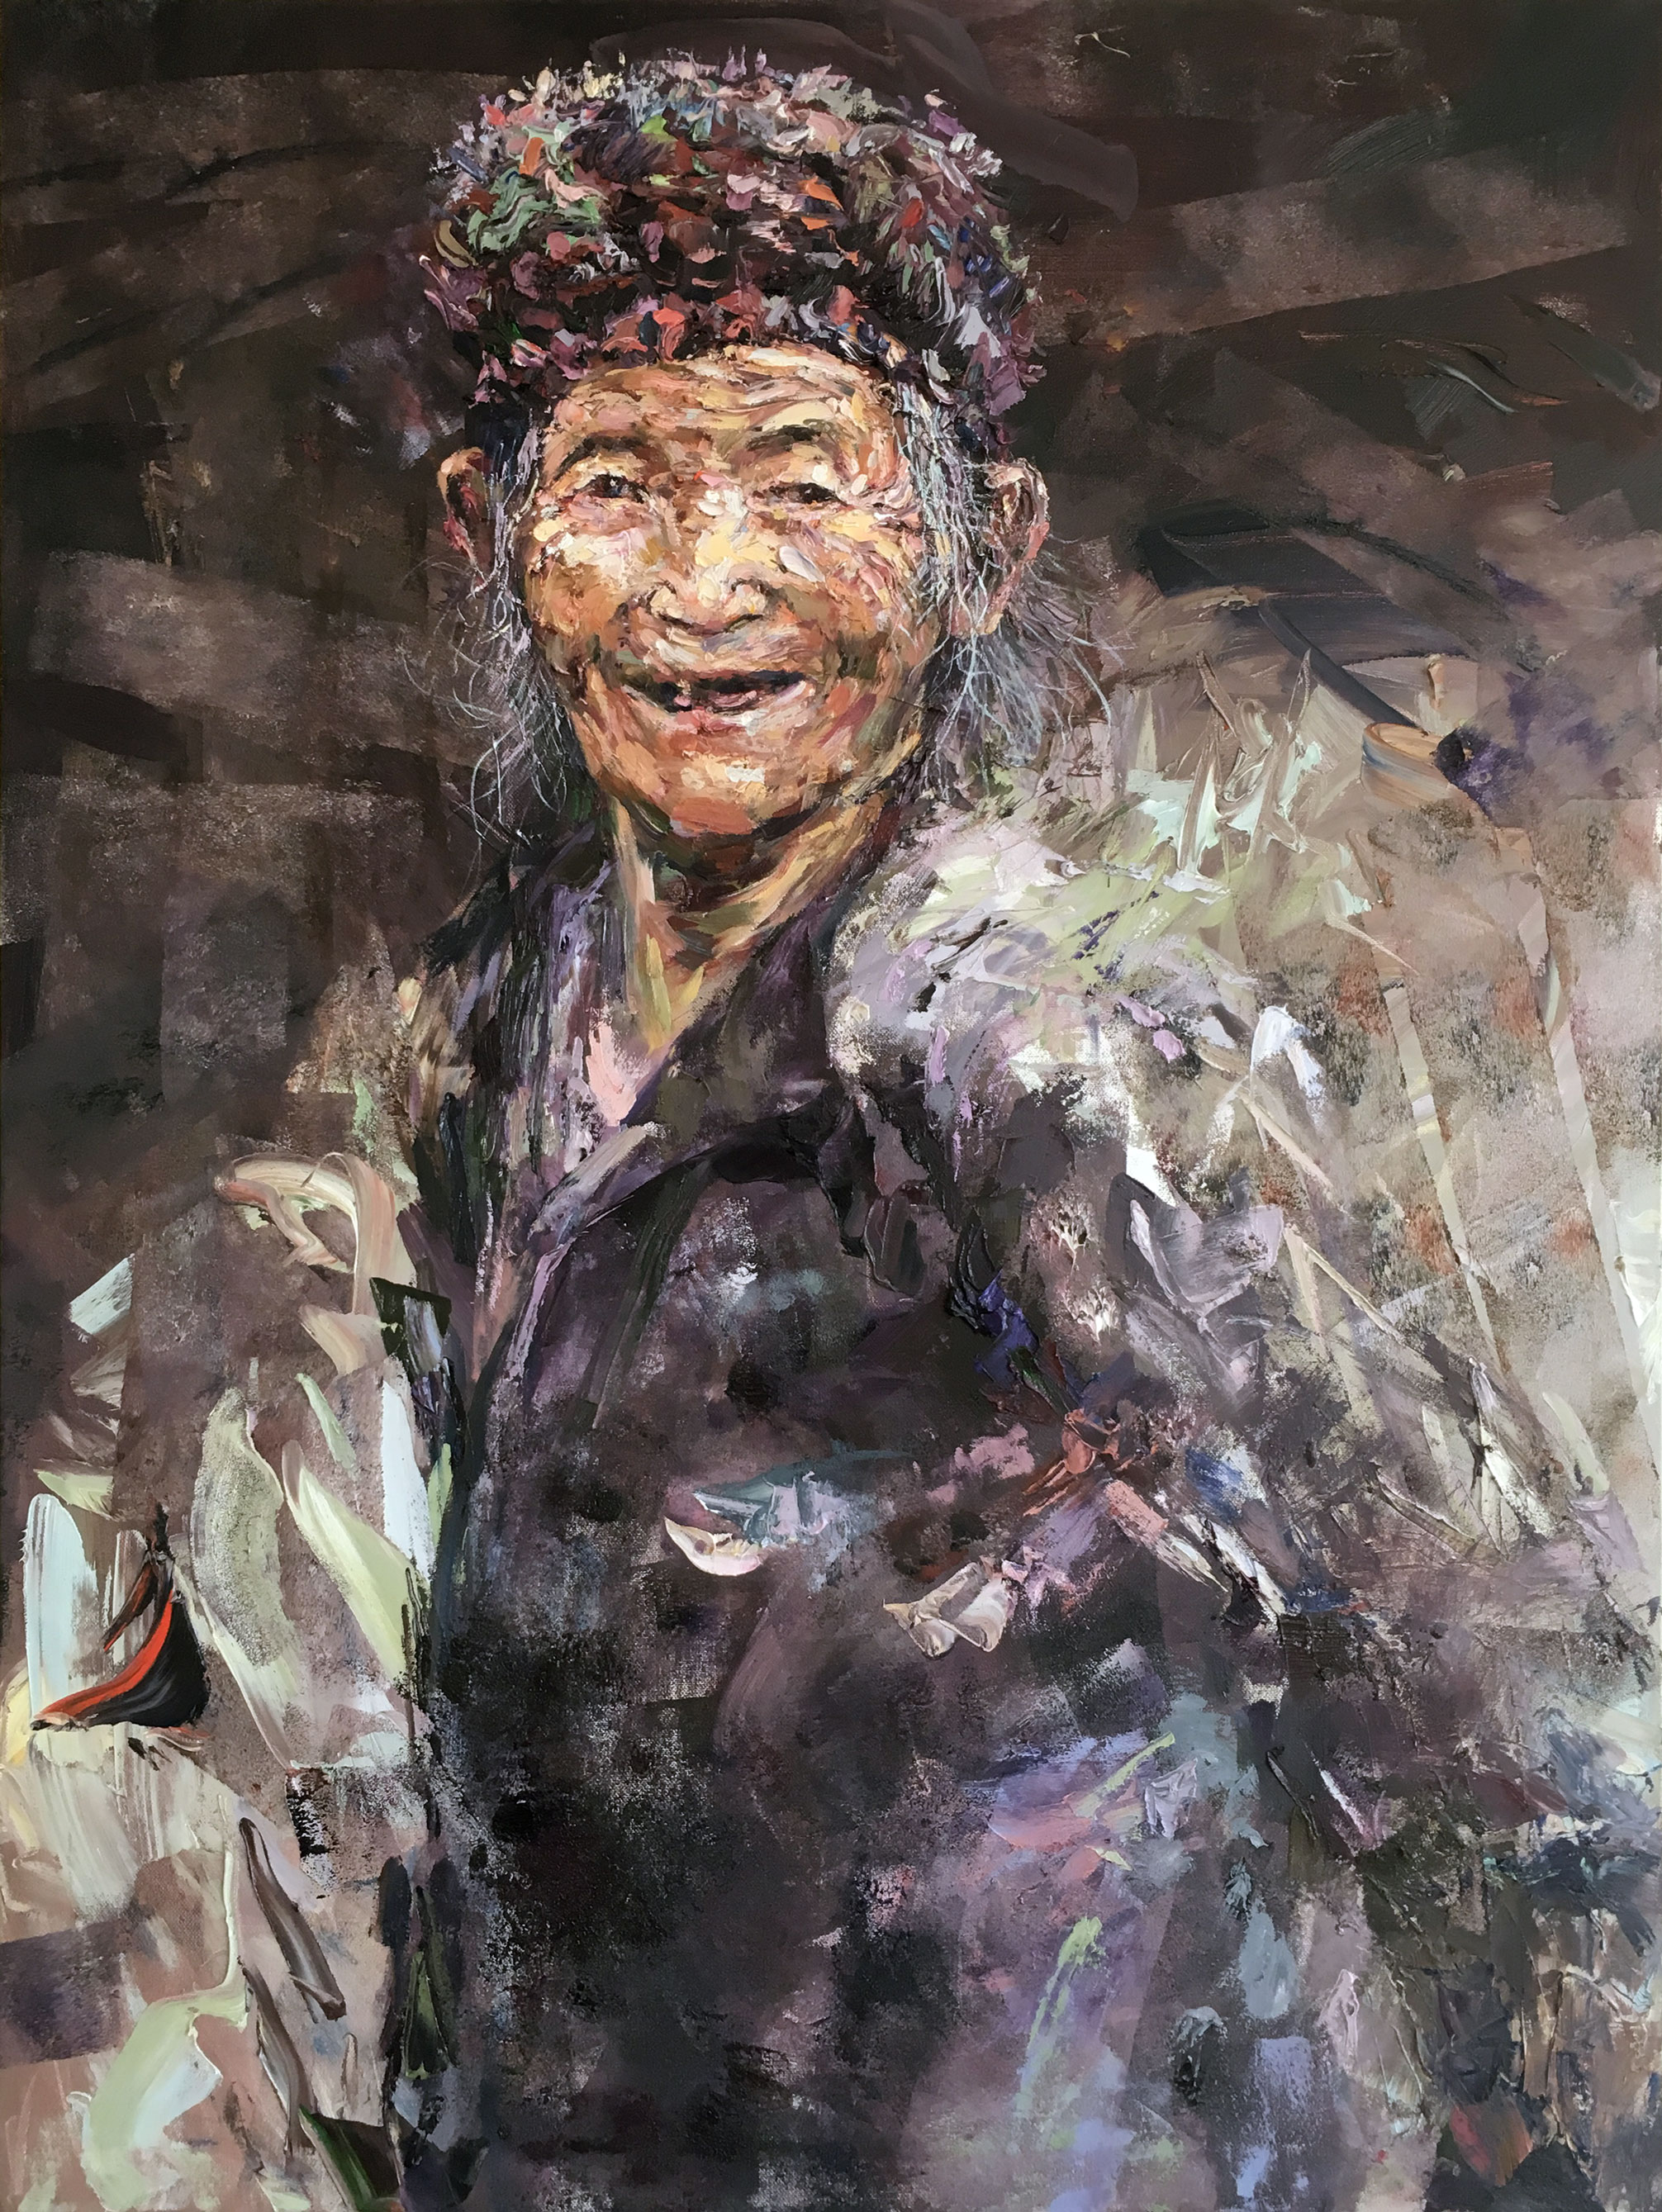 Woman-in-front-of-logs-web.jpg